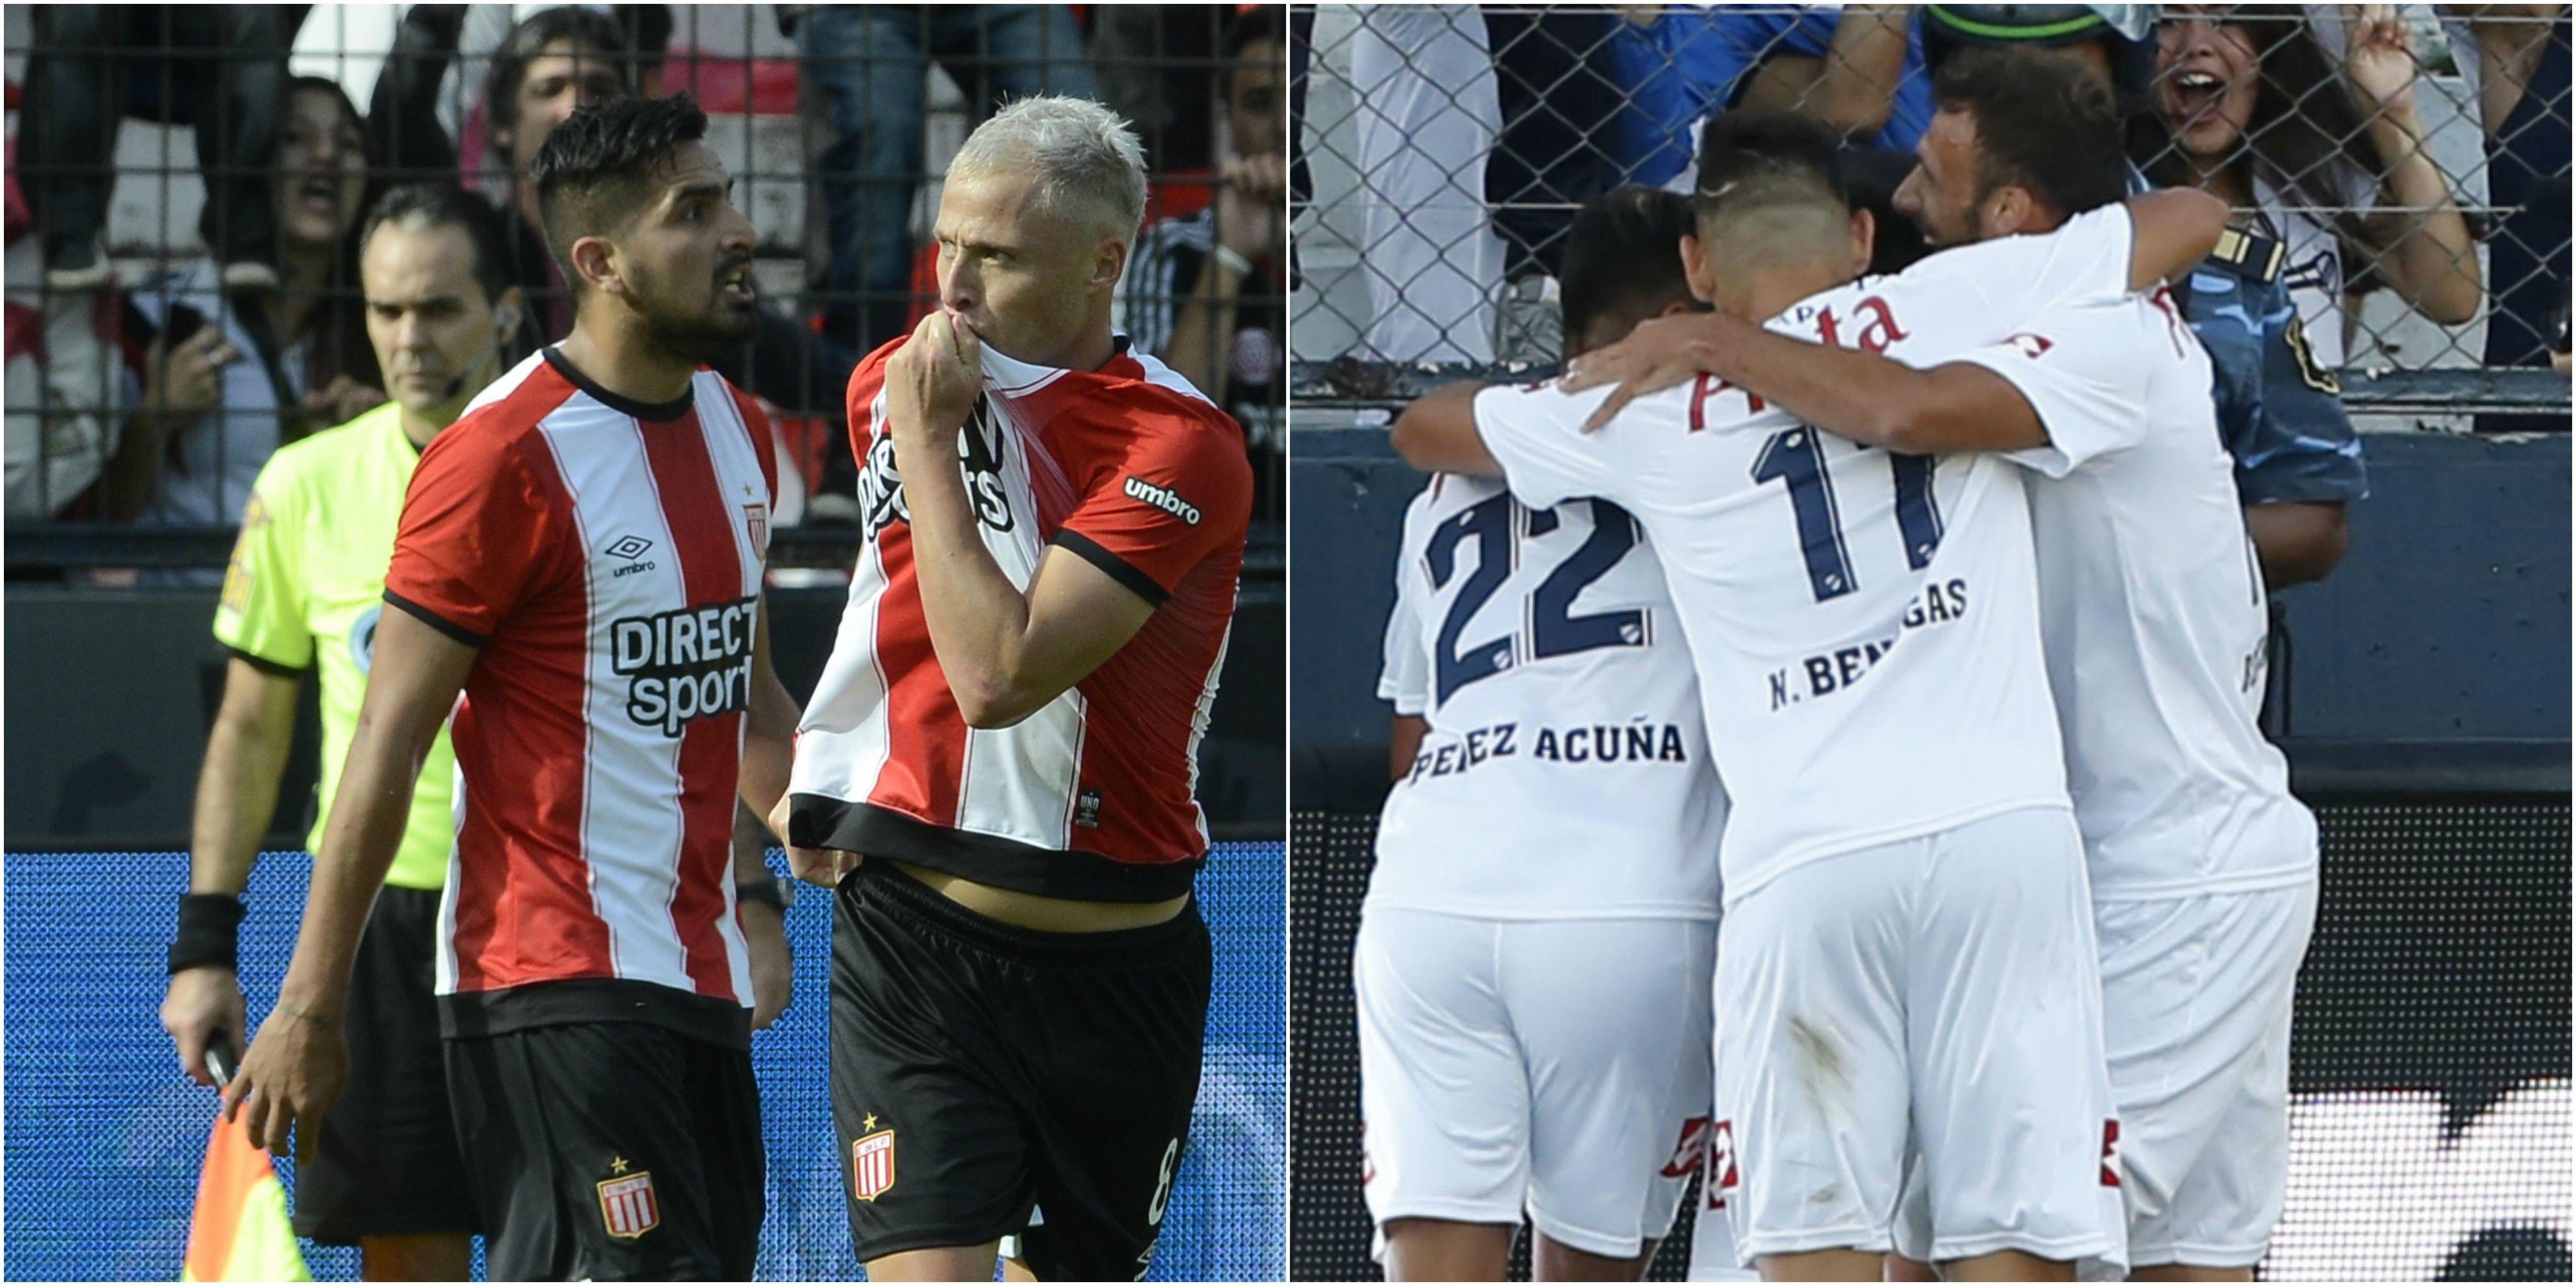 Estudiantes de La Plata vs. Quilmes